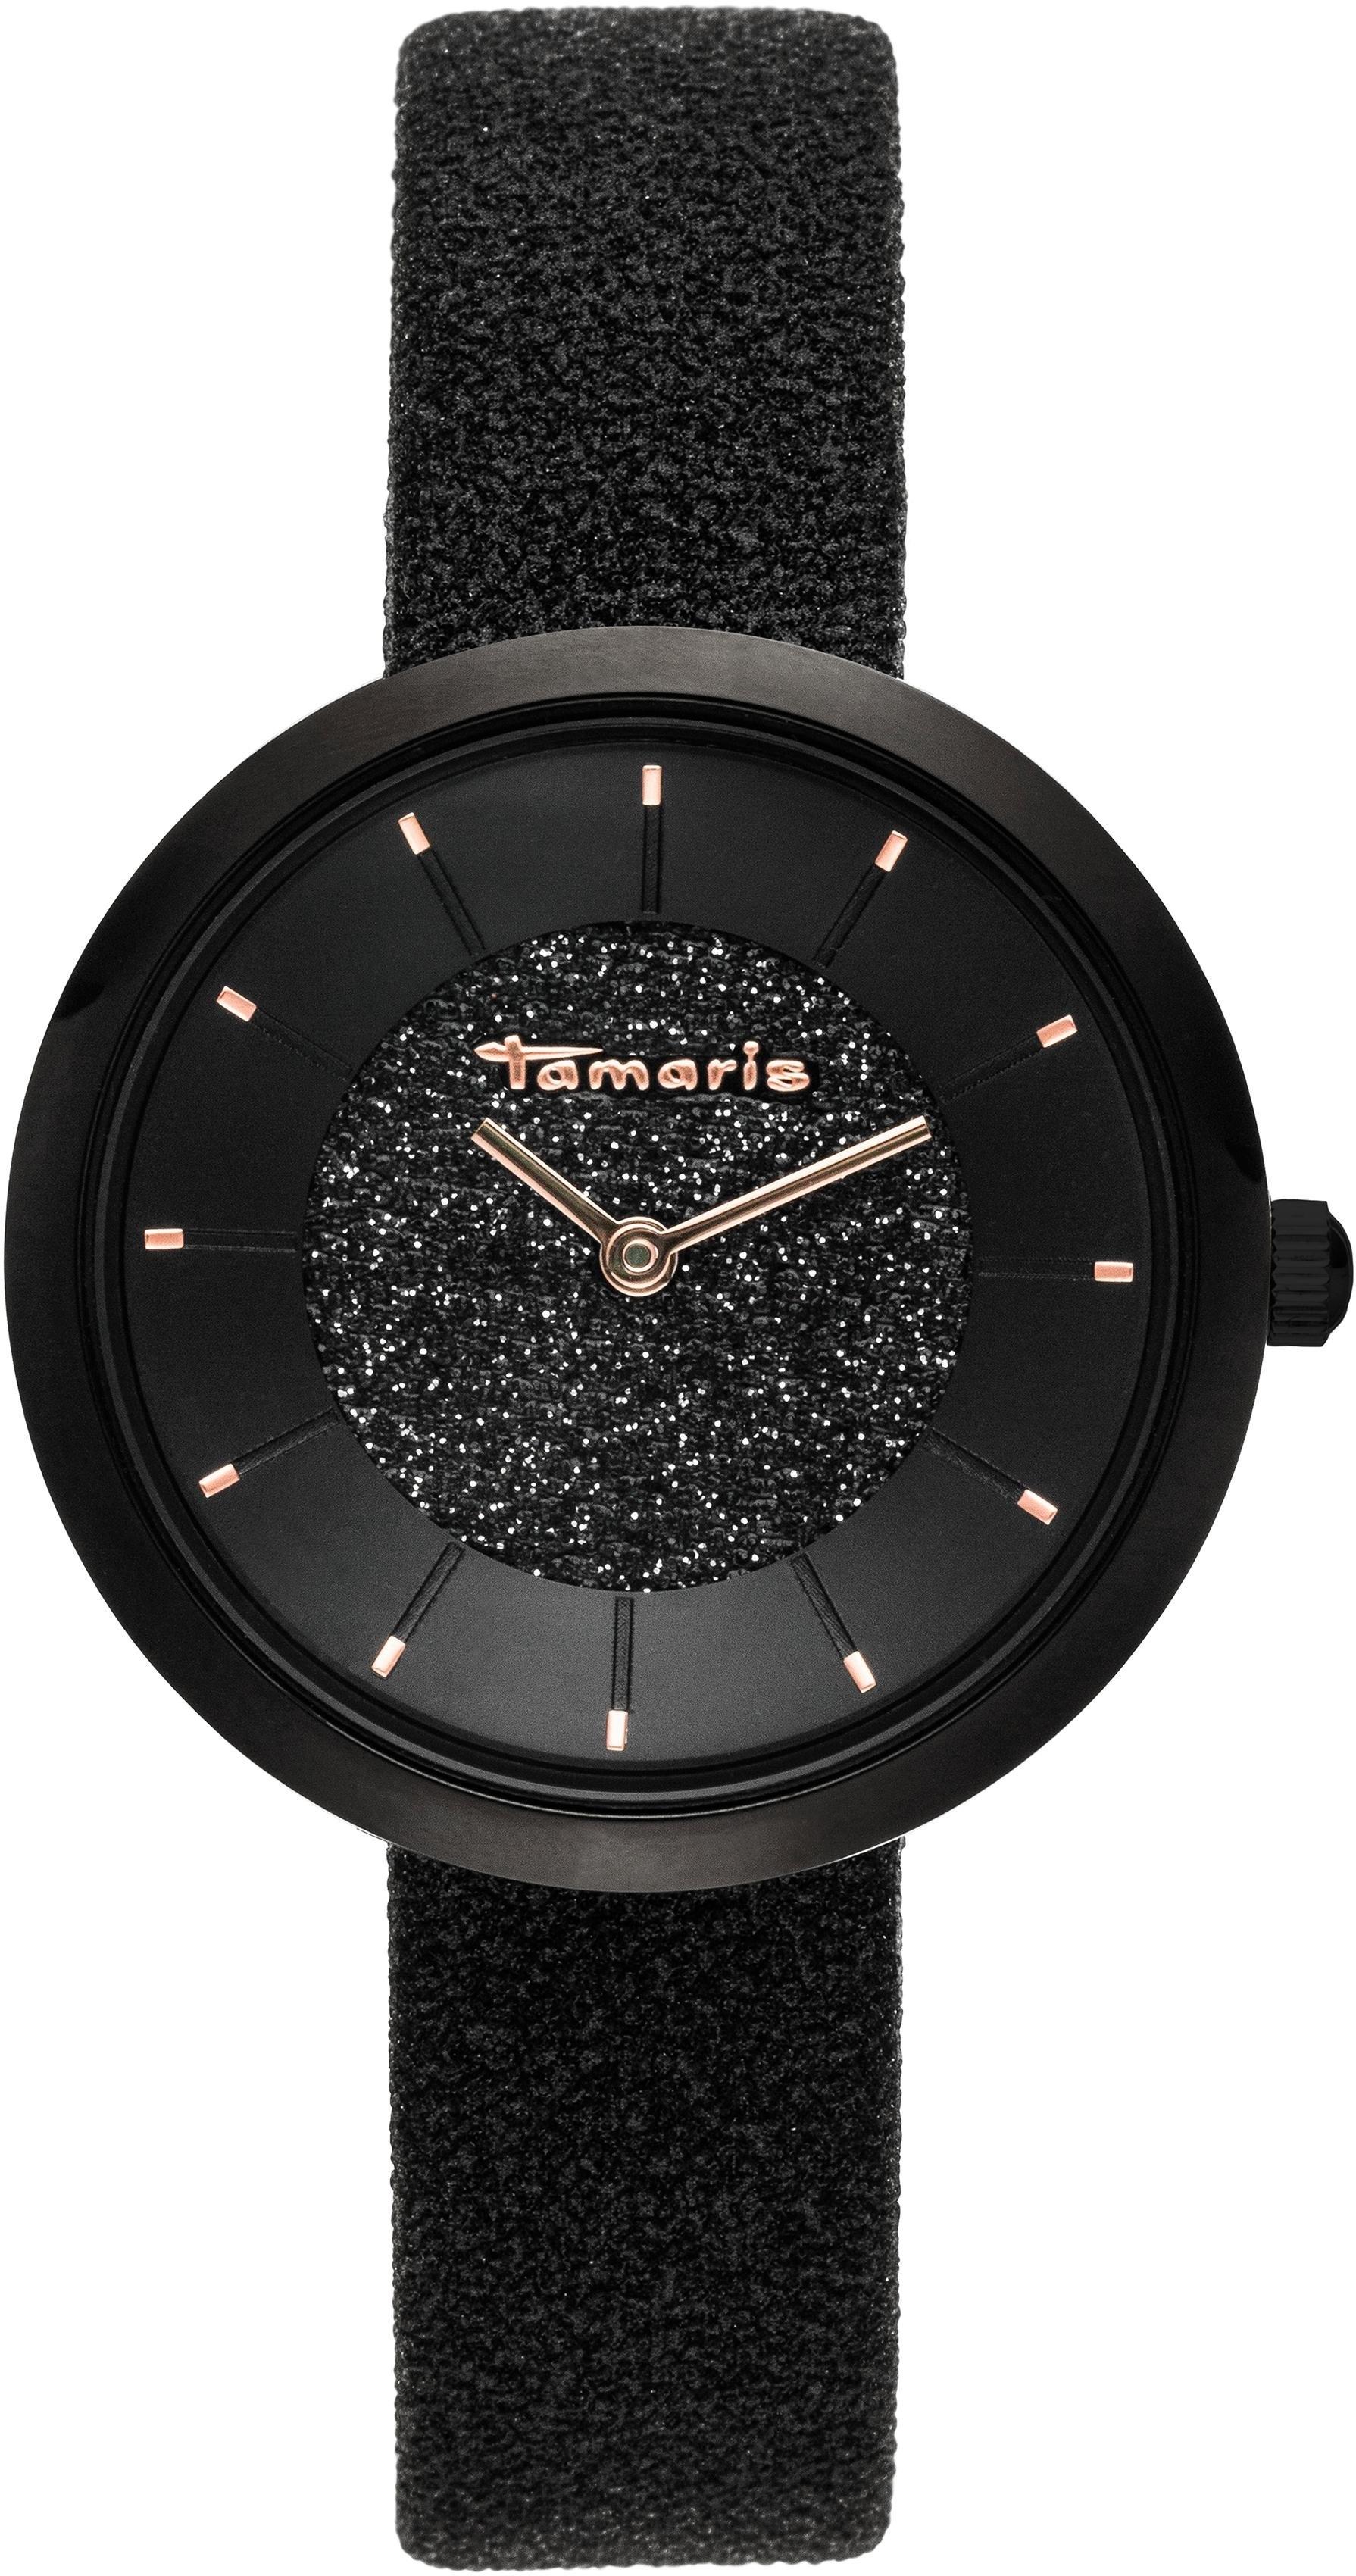 Tamaris kwartshorloge »Bea, TW049« voordelig en veilig online kopen